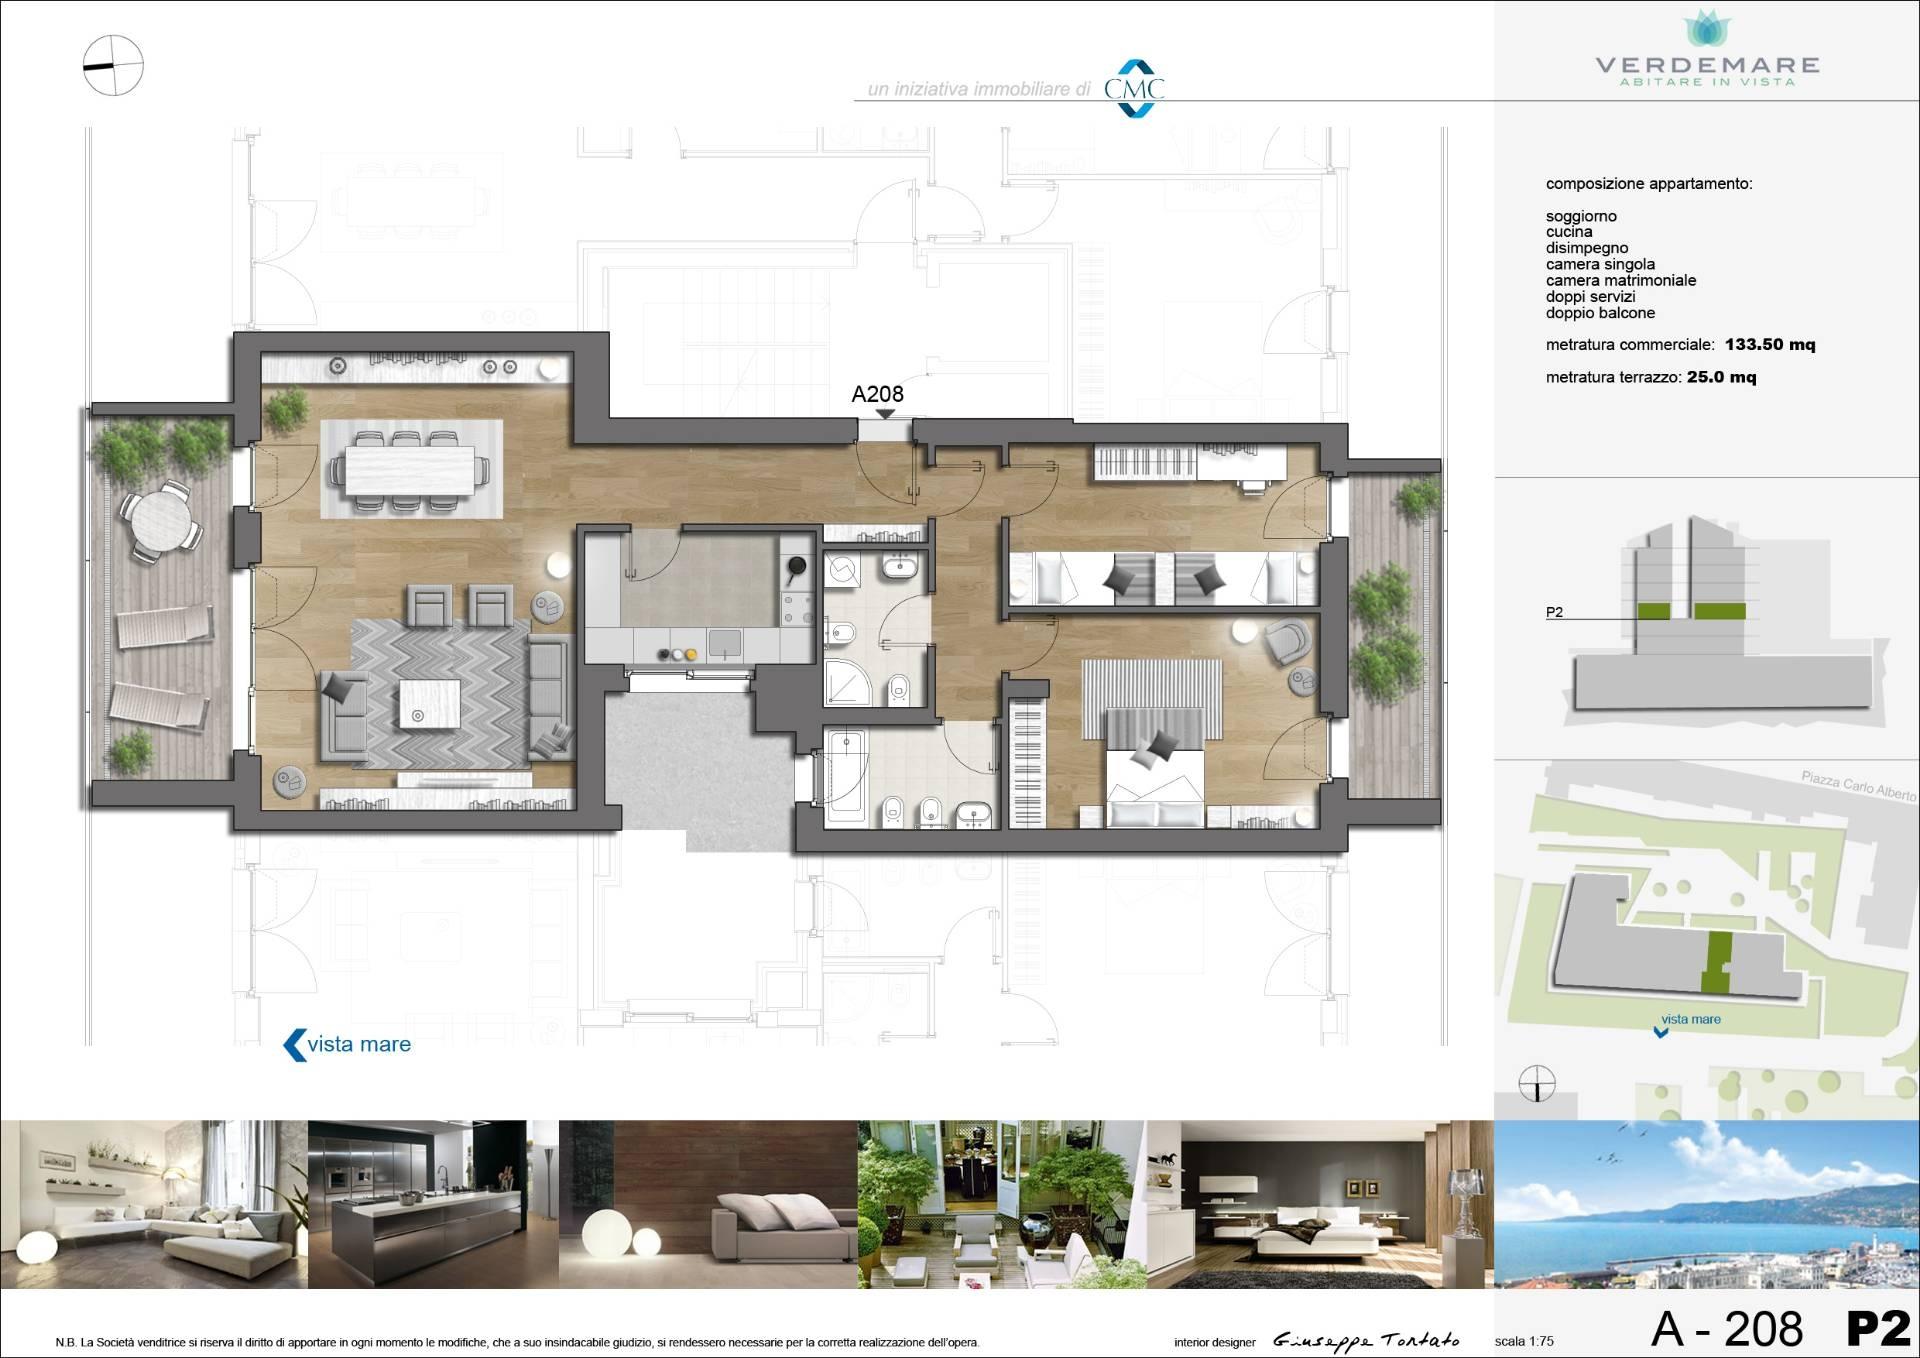 Appartamento in vendita a Trieste, 3 locali, zona Zona: Centro, prezzo € 405.000 | CambioCasa.it